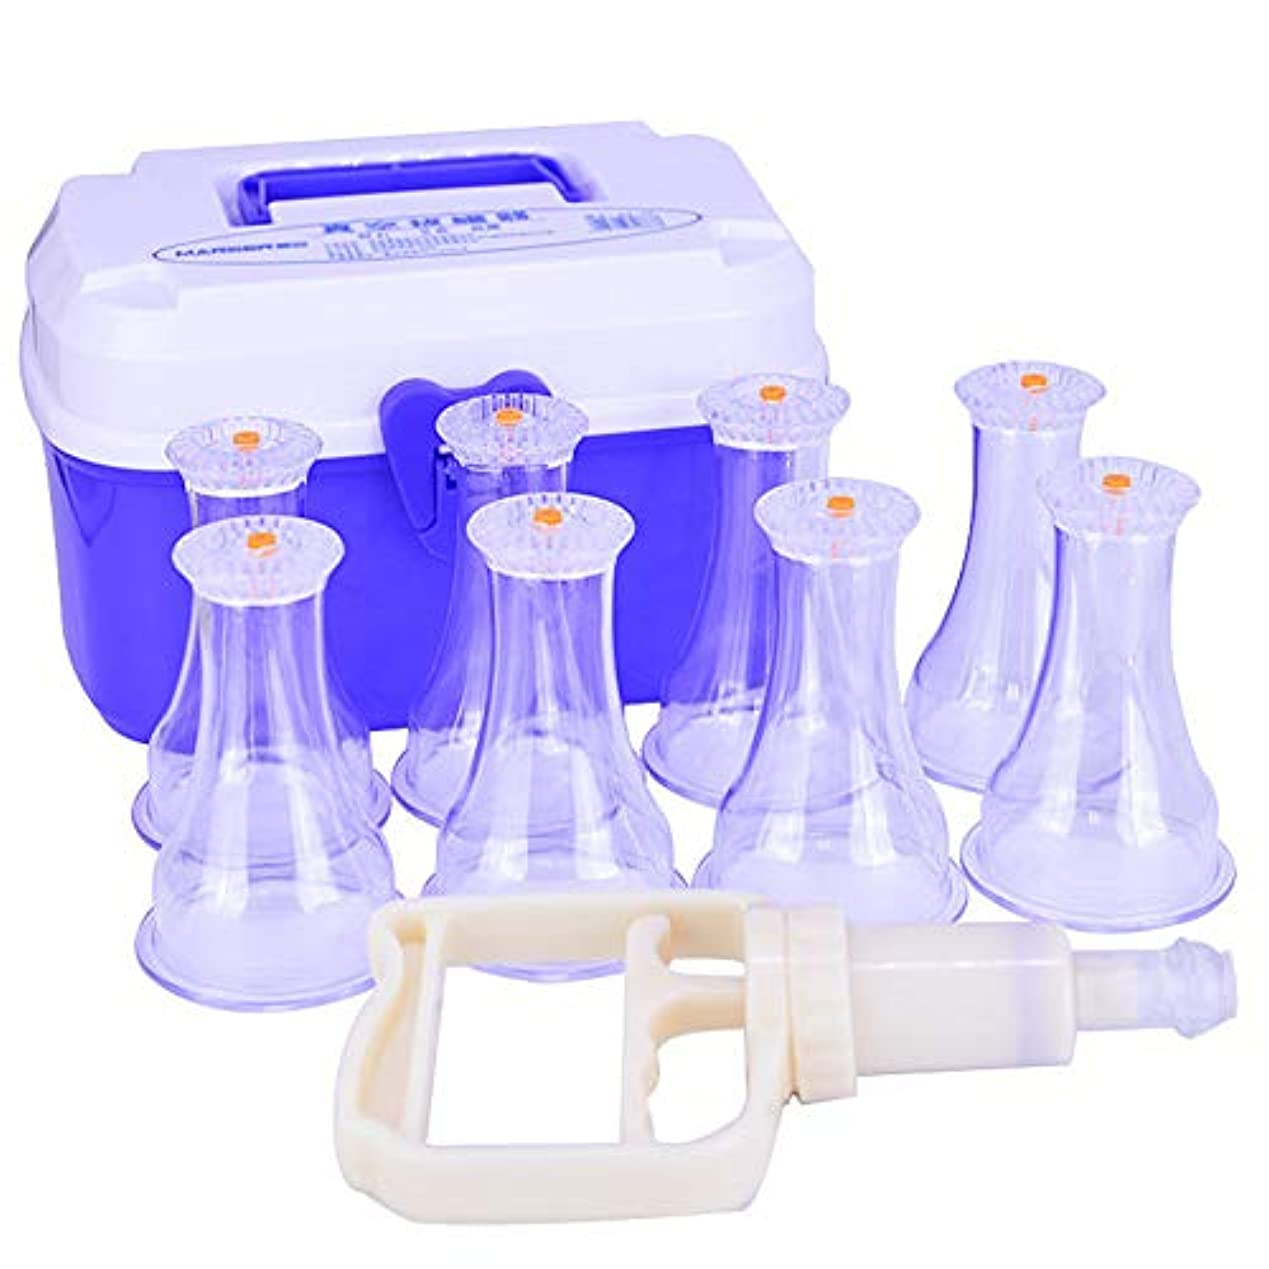 パック密接にガソリン8カップカッピングセットプラスチック、真空吸引生体磁気中国療法カップ、収納ボックスポンプ付き医療、ボディマッサージの痛みを軽減する物理的排泄毒素